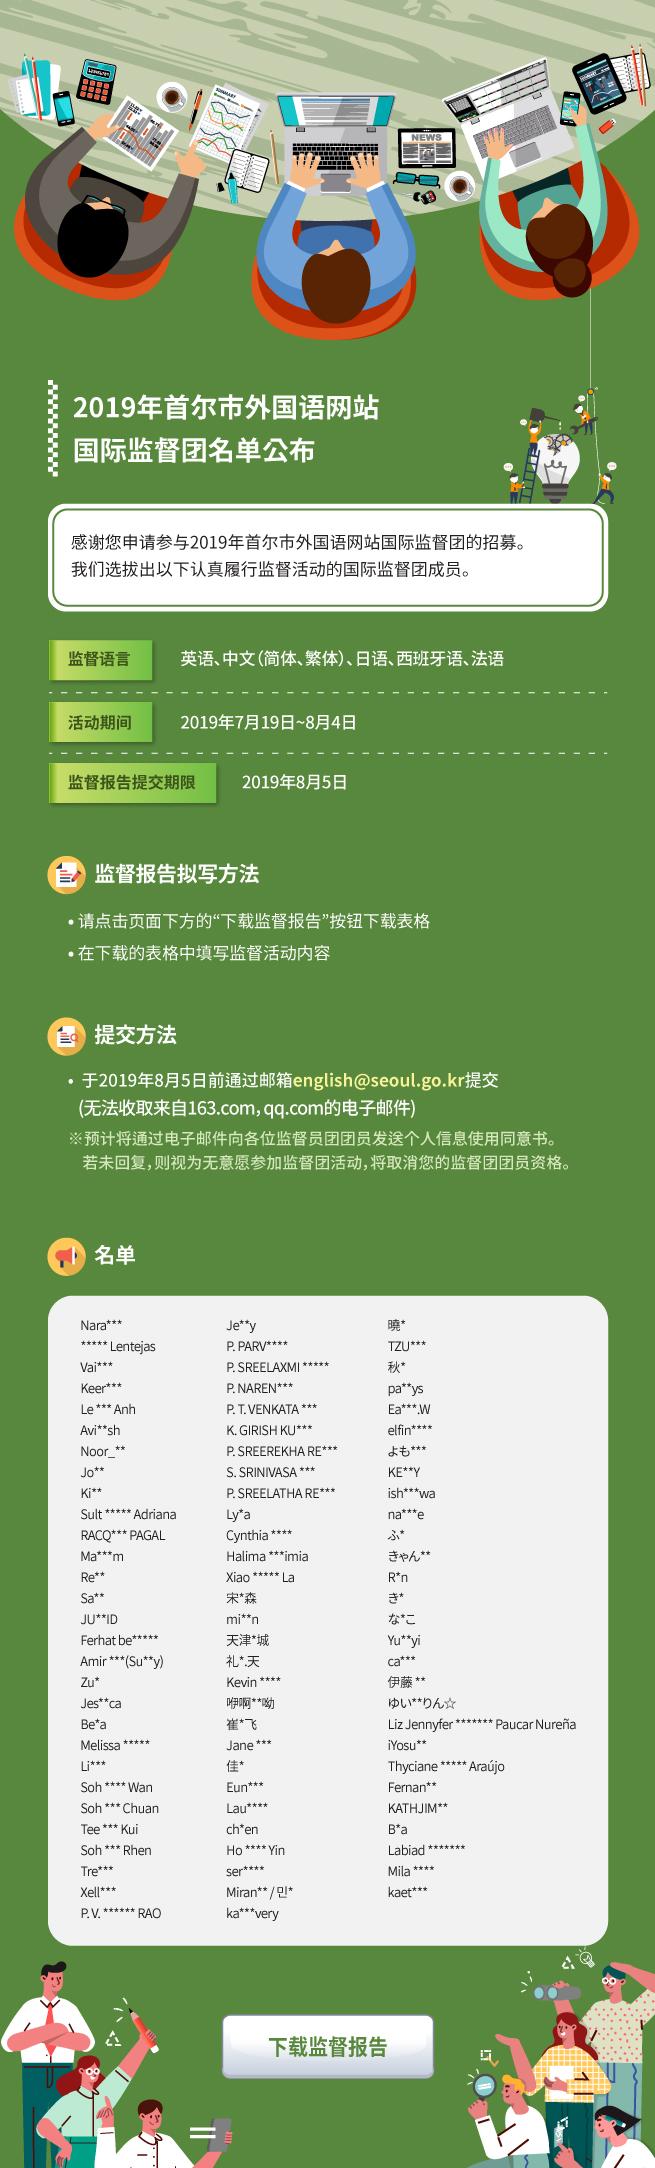 """2019年首尔市外国语网站国际监督团名单公布  感谢您申请参与2019年首尔市外国语网站国际监督团的招募。我们选拔出以下认真履行监督活动的国际监督团成员。  监督语言: 英语、中文(简体、繁体)、日语、西班牙语、法语  活动期间: 2019年7月19日~8月4日 监督报告提交期限:2019年8月5日  监督报告拟写方法   - 请点击页面下方的""""下载监督报告""""按钮下载表格  - 在下载的表格中填写监督活动内容  提交方法 - 于2019年8月5日前通过邮箱english@seoul.go.kr提交    ※预计将通过电子邮件向各位监督员团团员发送个人信息使用同意书。若未回复,则视为无意愿参加监督团活动,将取消您的监督团团员资格。   -------------------------------------------------------------------- 名单 --------------------------------------------------------------------  Nara*** ***** Lentejas Vai*** Keer*** Le *** Anh Avi**sh Noor_** Jo** Ki** Sult ***** Adriana RACQ*** PAGAL Ma***m Re** Sa** JU**ID Ferhat be***** Amir ***(Su**y) Zu* Jes**ca Be*a Melissa ***** Li*** Soh **** Wan Soh *** Chuan Tee *** Kui Soh *** Rhen Tre*** Xell*** P. V. ****** RAO Je**y P. PARV**** P. SREELAXMI ***** P. NAREN*** P. T. VENKATA *** K. GIRISH KU*** P. SREEREKHA RE*** S. SRINIVASA *** P. SREELATHA RE*** Ly*a Cynthia **** Halima ***imia Xiao ***** La 宋*森 mi**n 天津*城 礼*.天 Kevin **** 咿啊**呦 崔*飞 Jane *** 佳* Eun*** Lau**** ch*en Ho **** Yin ser**** Miran** / 민* ka***very 曉* TZU*** 秋* pa**ys Ea***.W elfin**** よも*** KE**Y ish***wa na***e ふ* きゃん** R*n き* な*こ Yu**yi ca*** 伊藤 ** ゆい**りん☆ Liz Jennyfer ******* Paucar Nureña iYosu** Thyciane ***** Araújo Fernan** KATHJIM** B*a Labiad ******* Mila **** kaet***"""